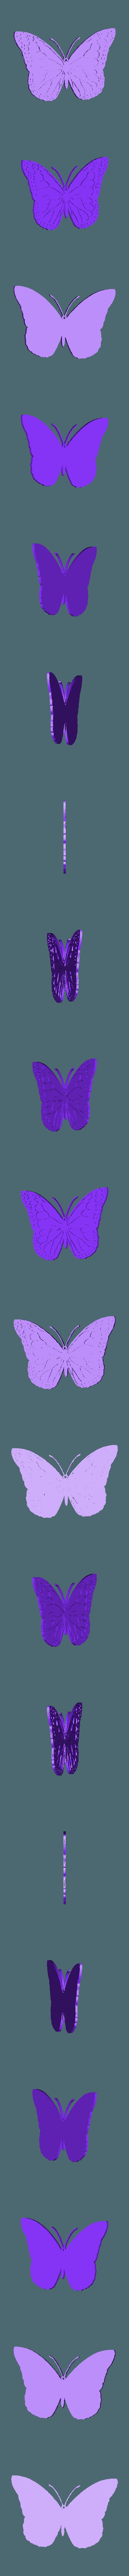 Tout en un.stl Download free STL file Monarch Butterfly • 3D print design, oasisk